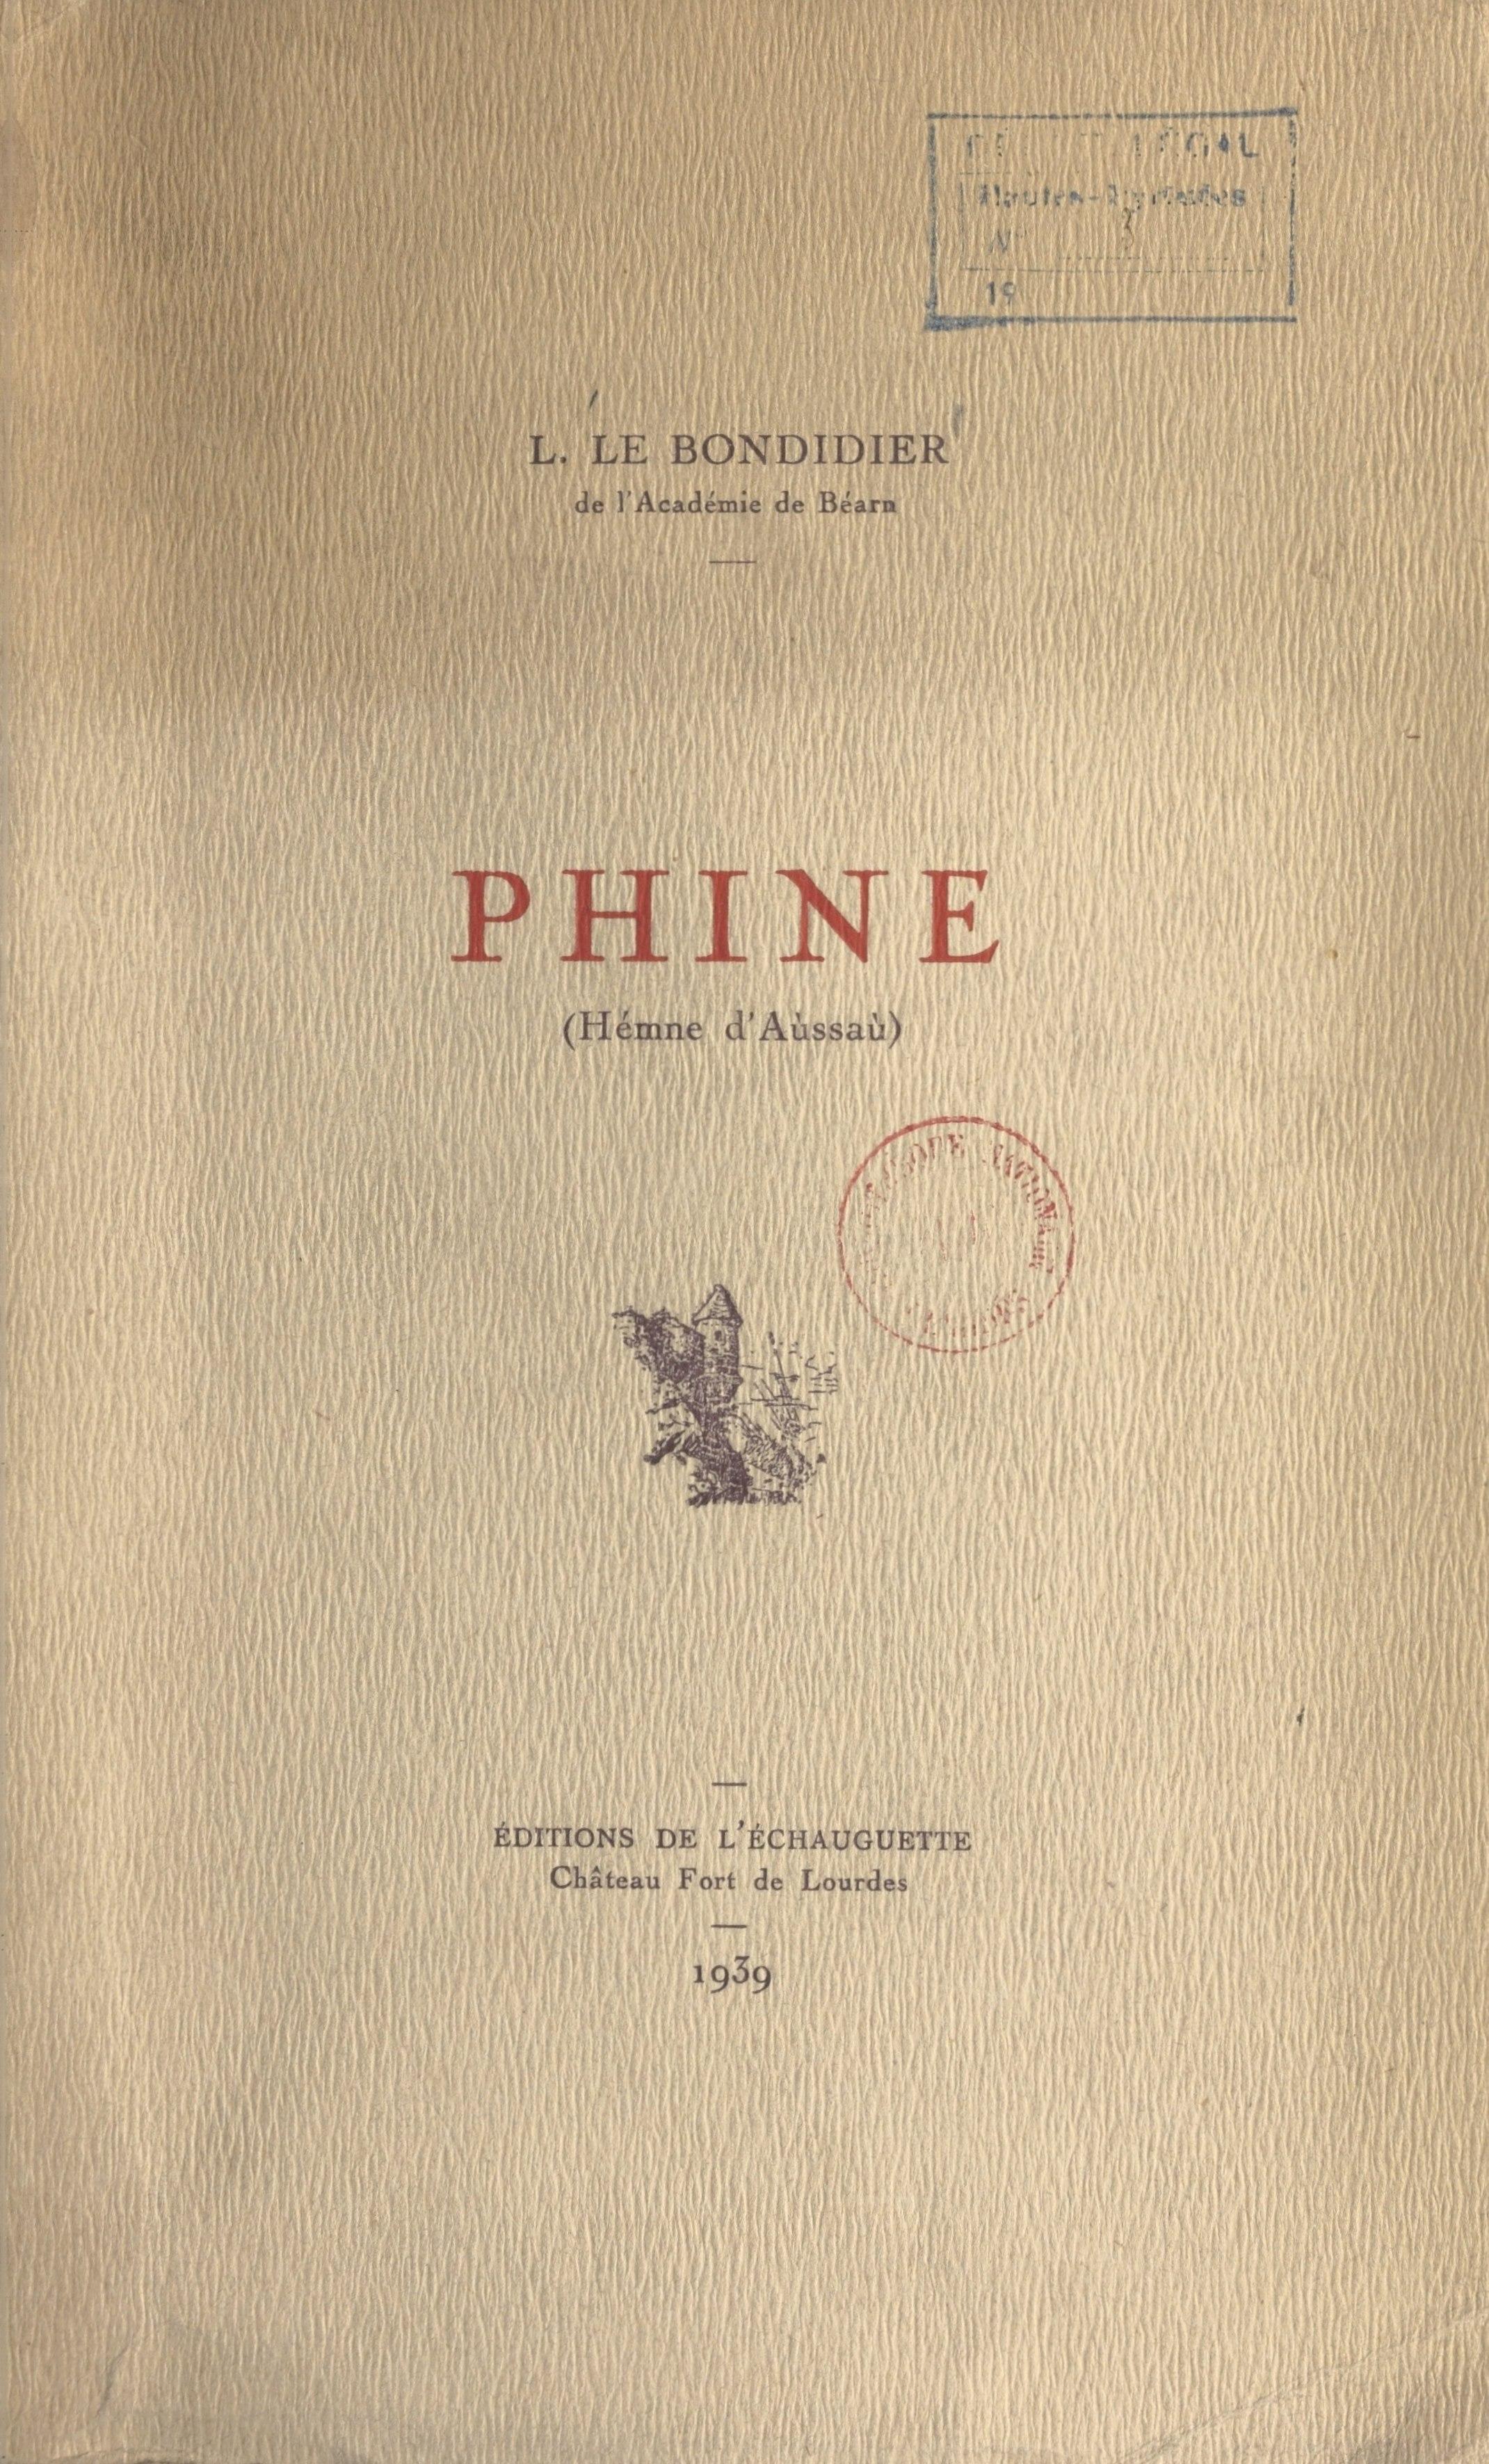 Phine, HÉMME D'AÙSSAÙ